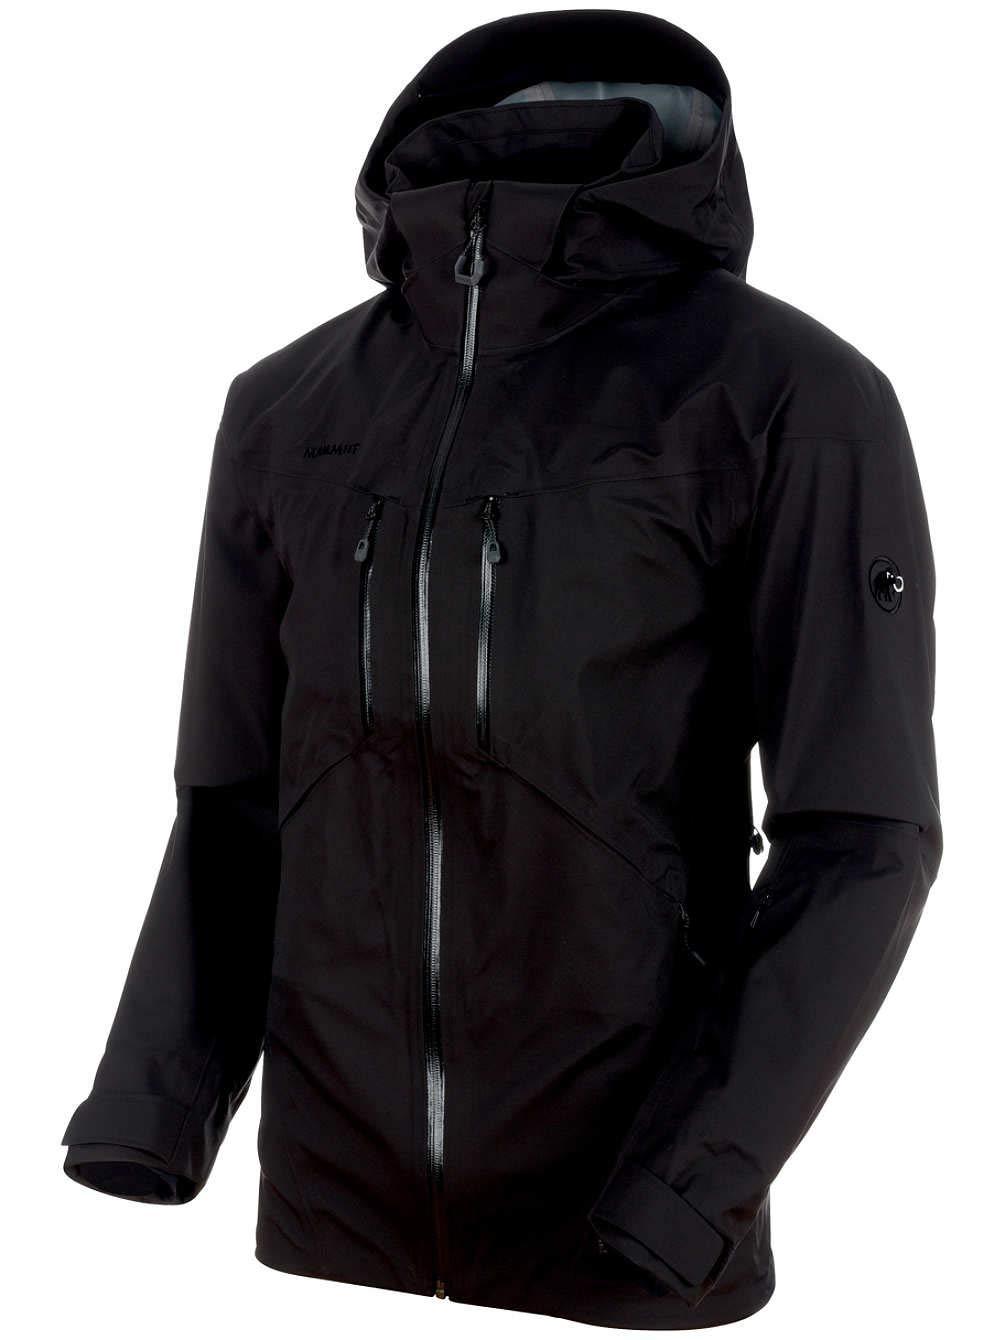 Mammut Stoney HS Jacket 黒 XL